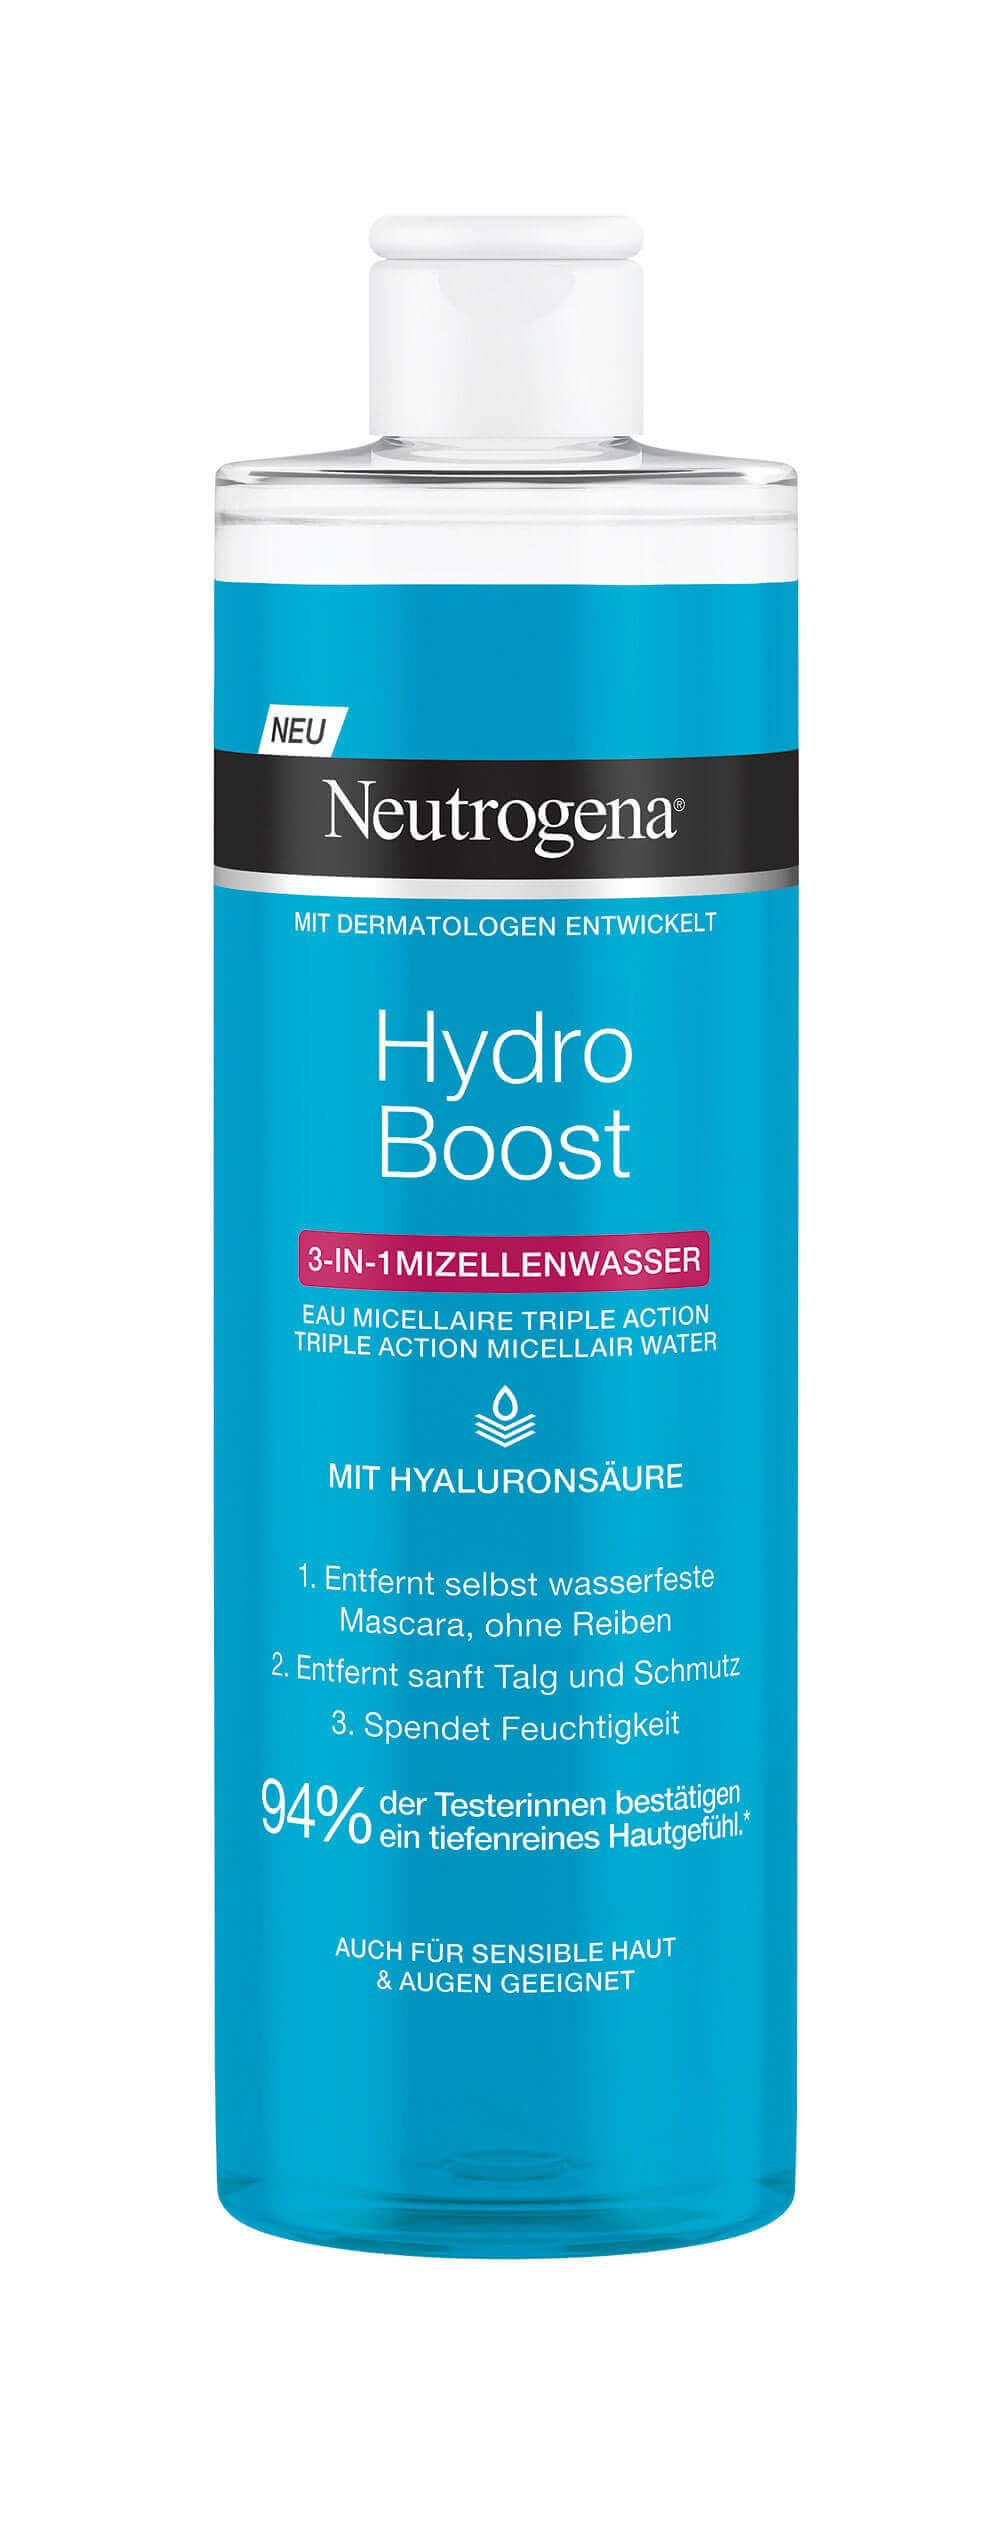 Hydro Boost Mizellenwasser